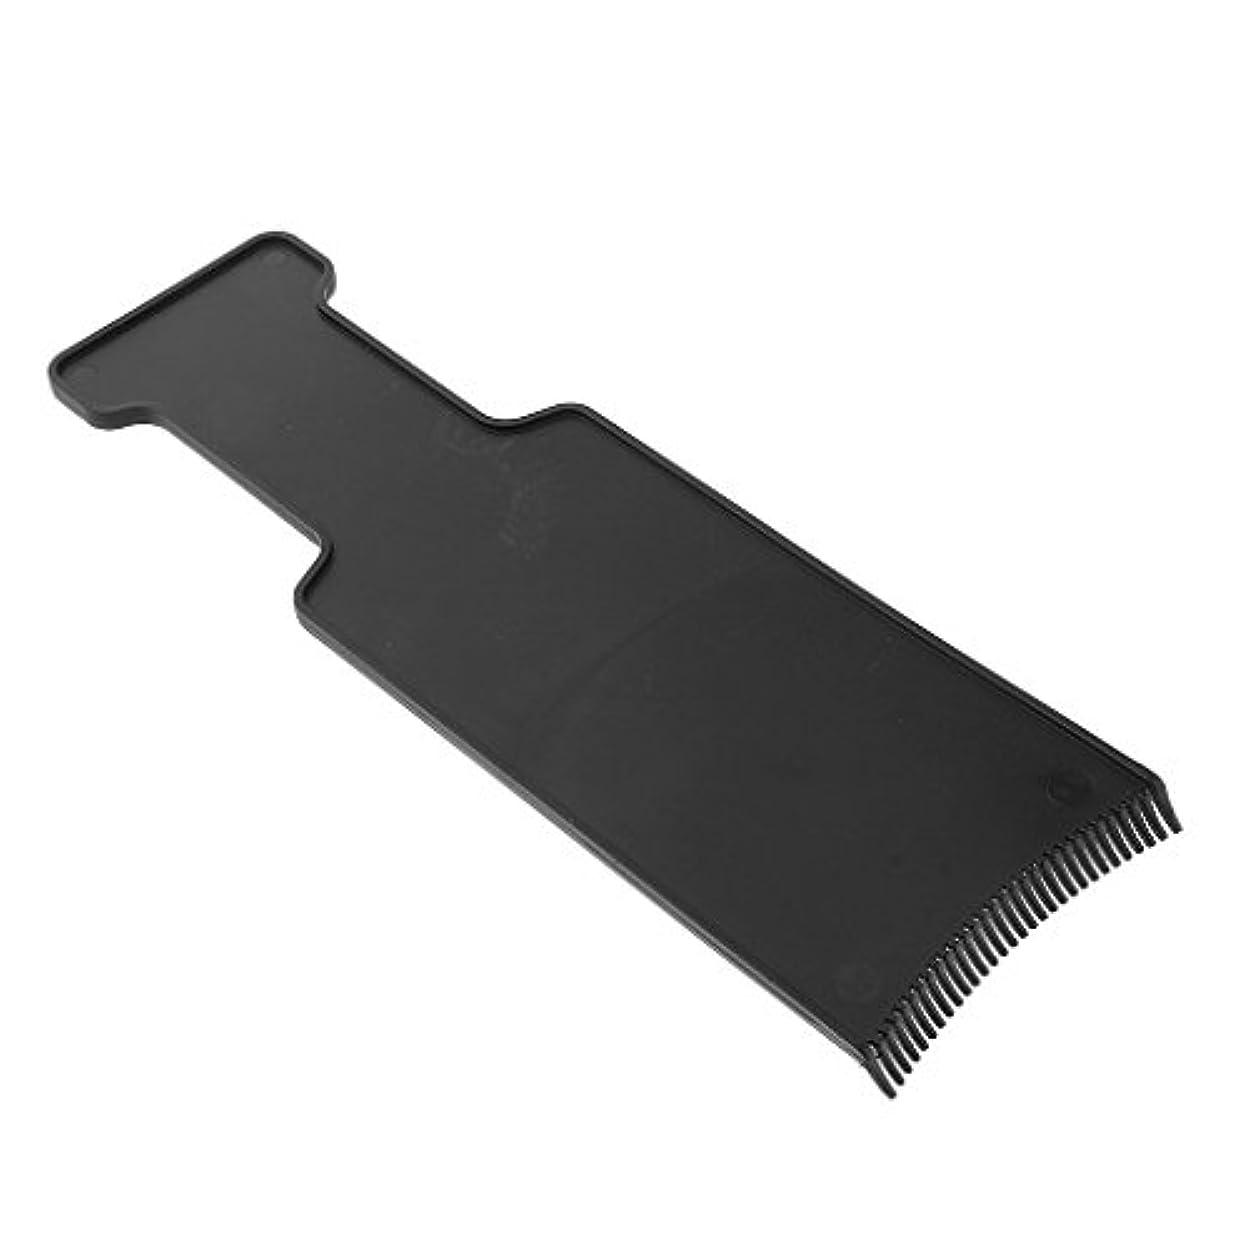 正しく意図アボートサロン ヘアカラー ボード ヘアカラーティント 美容 ヘア ツール 髪 保護 ブラック 全4サイズ - M